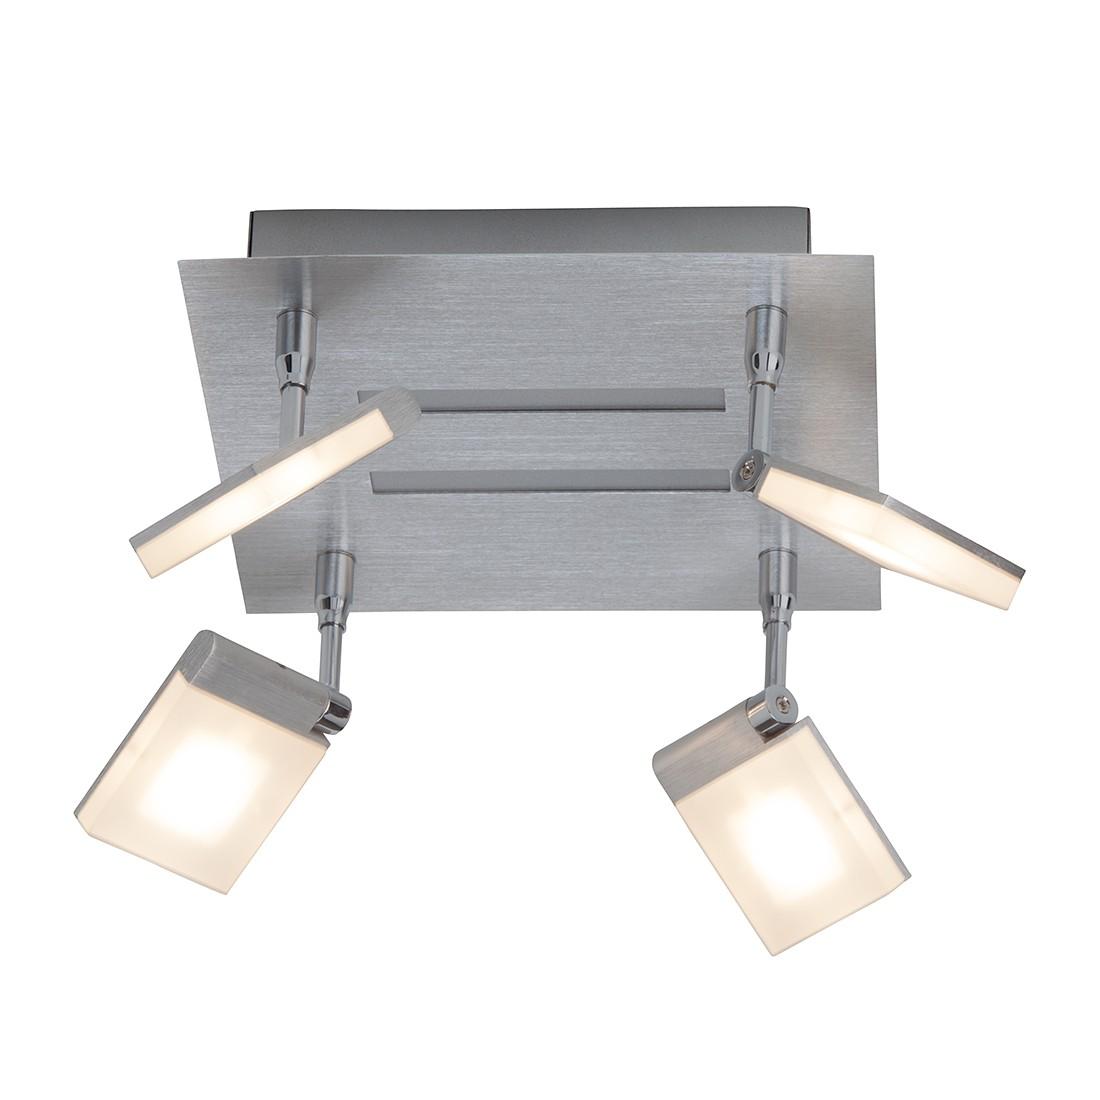 energie  A+, Plafondlamp Plaxico - metaal/zilverkleurig kunststof 4 lichtbronnen, Brilliant